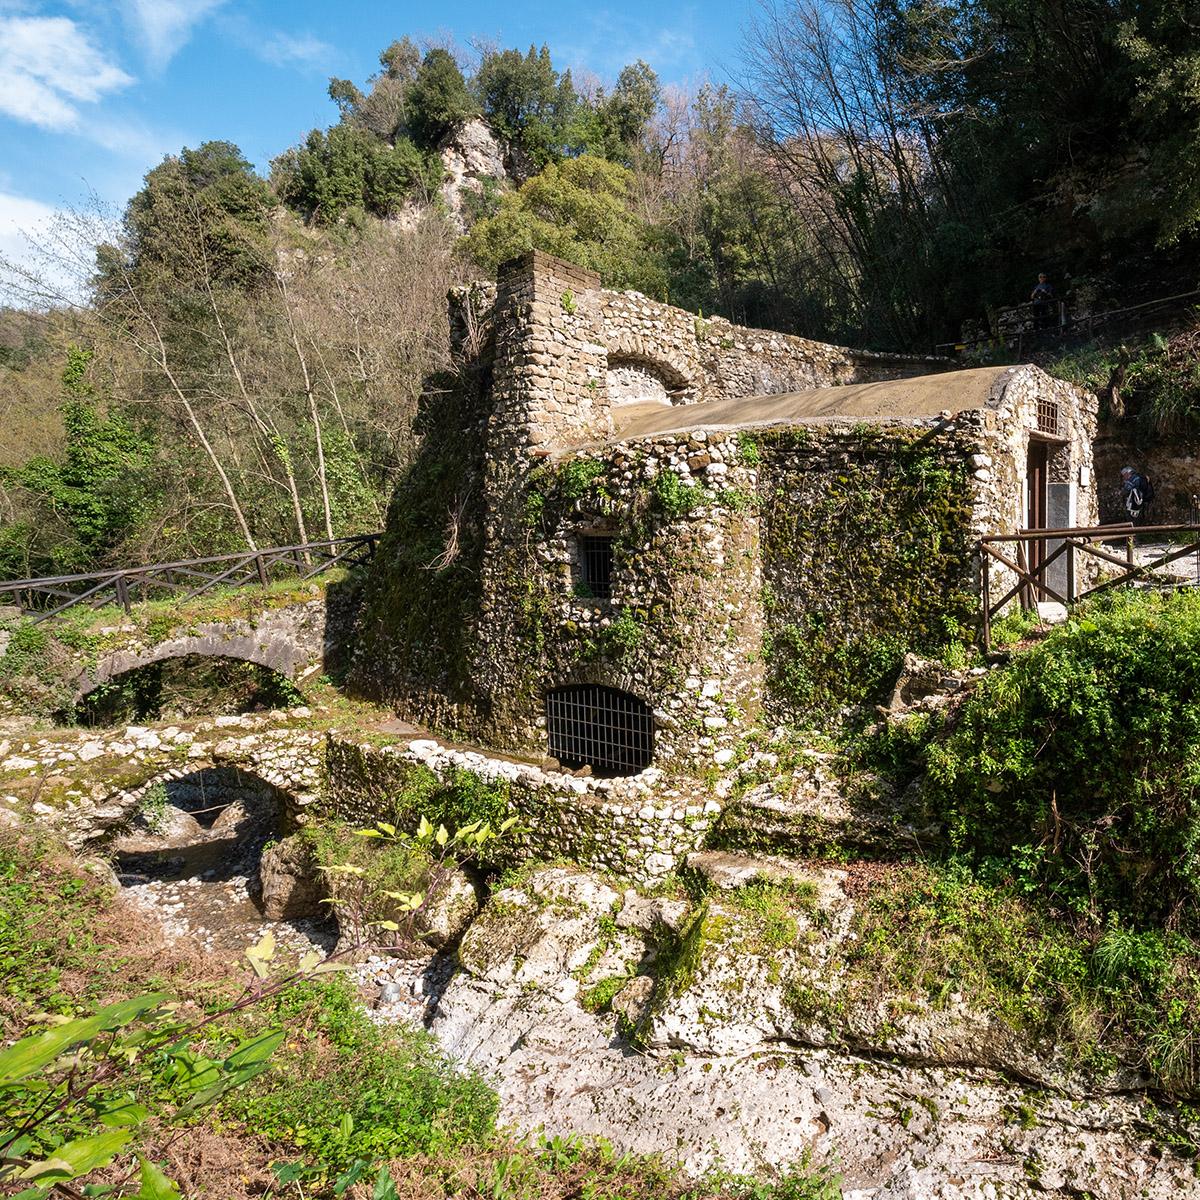 Percorso Valle dei Mulini - Gragnano - About Sorrento